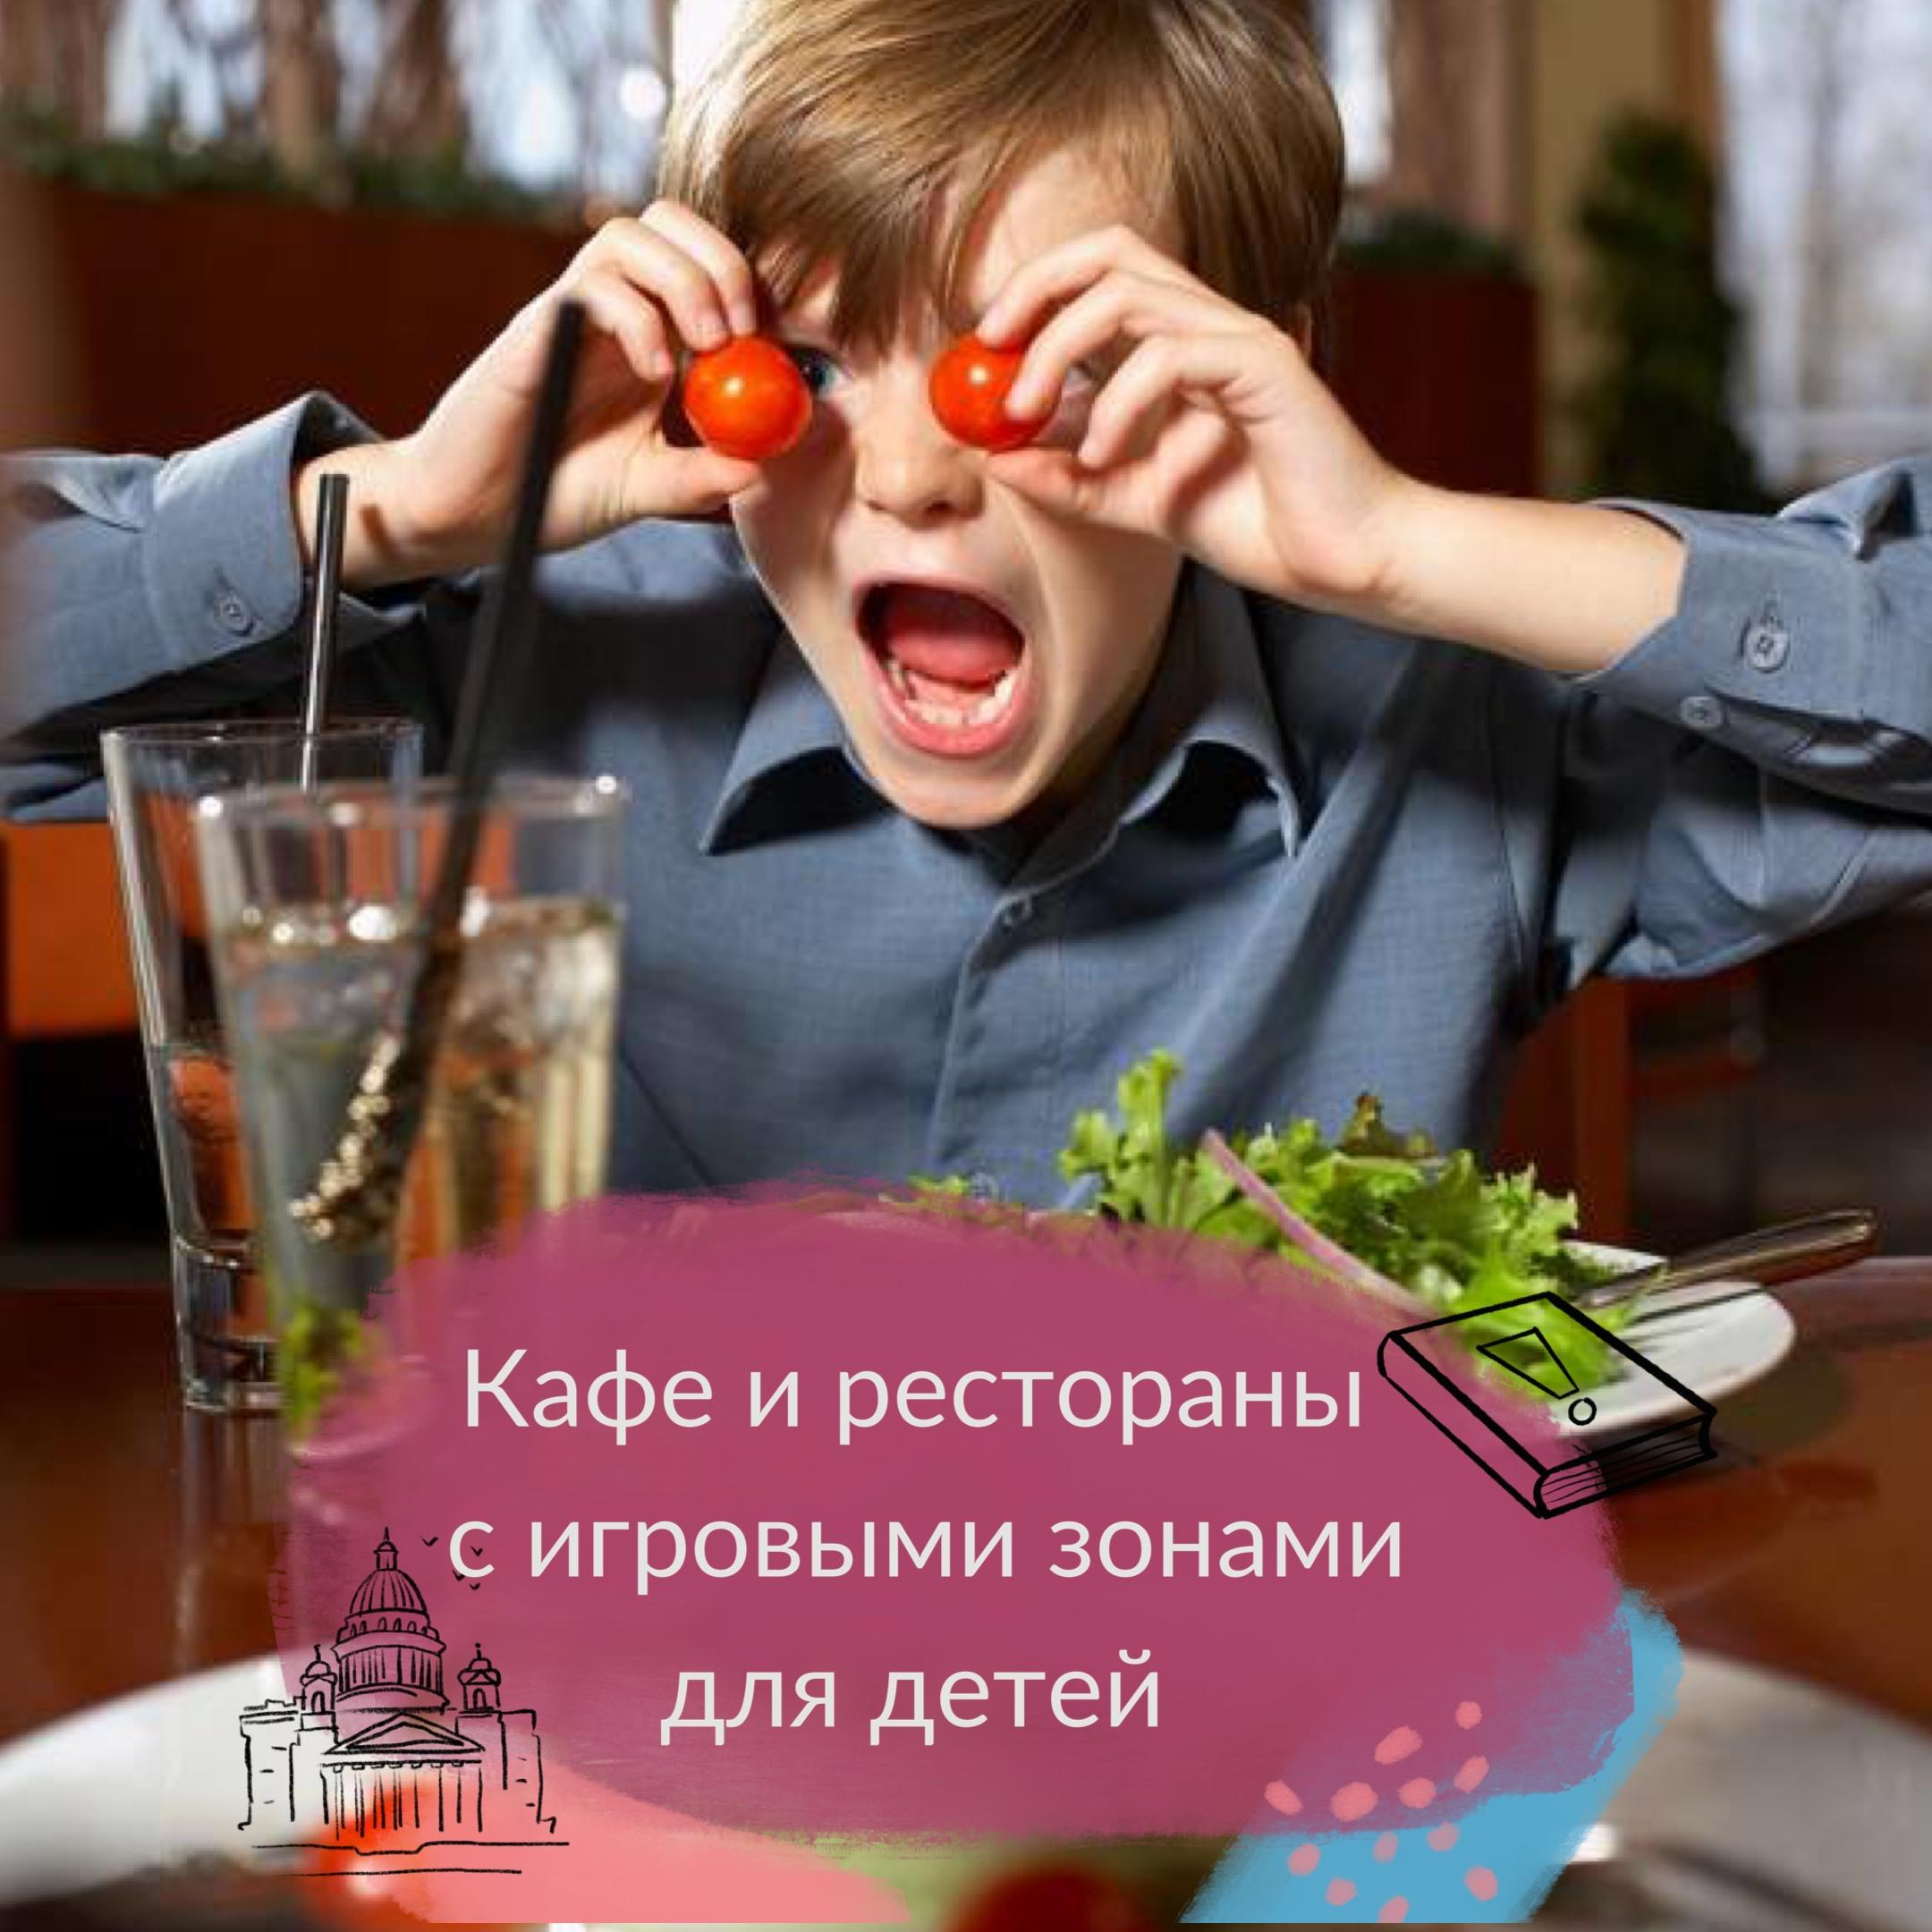 Кафе и рестораны Москвы с детской комнатой